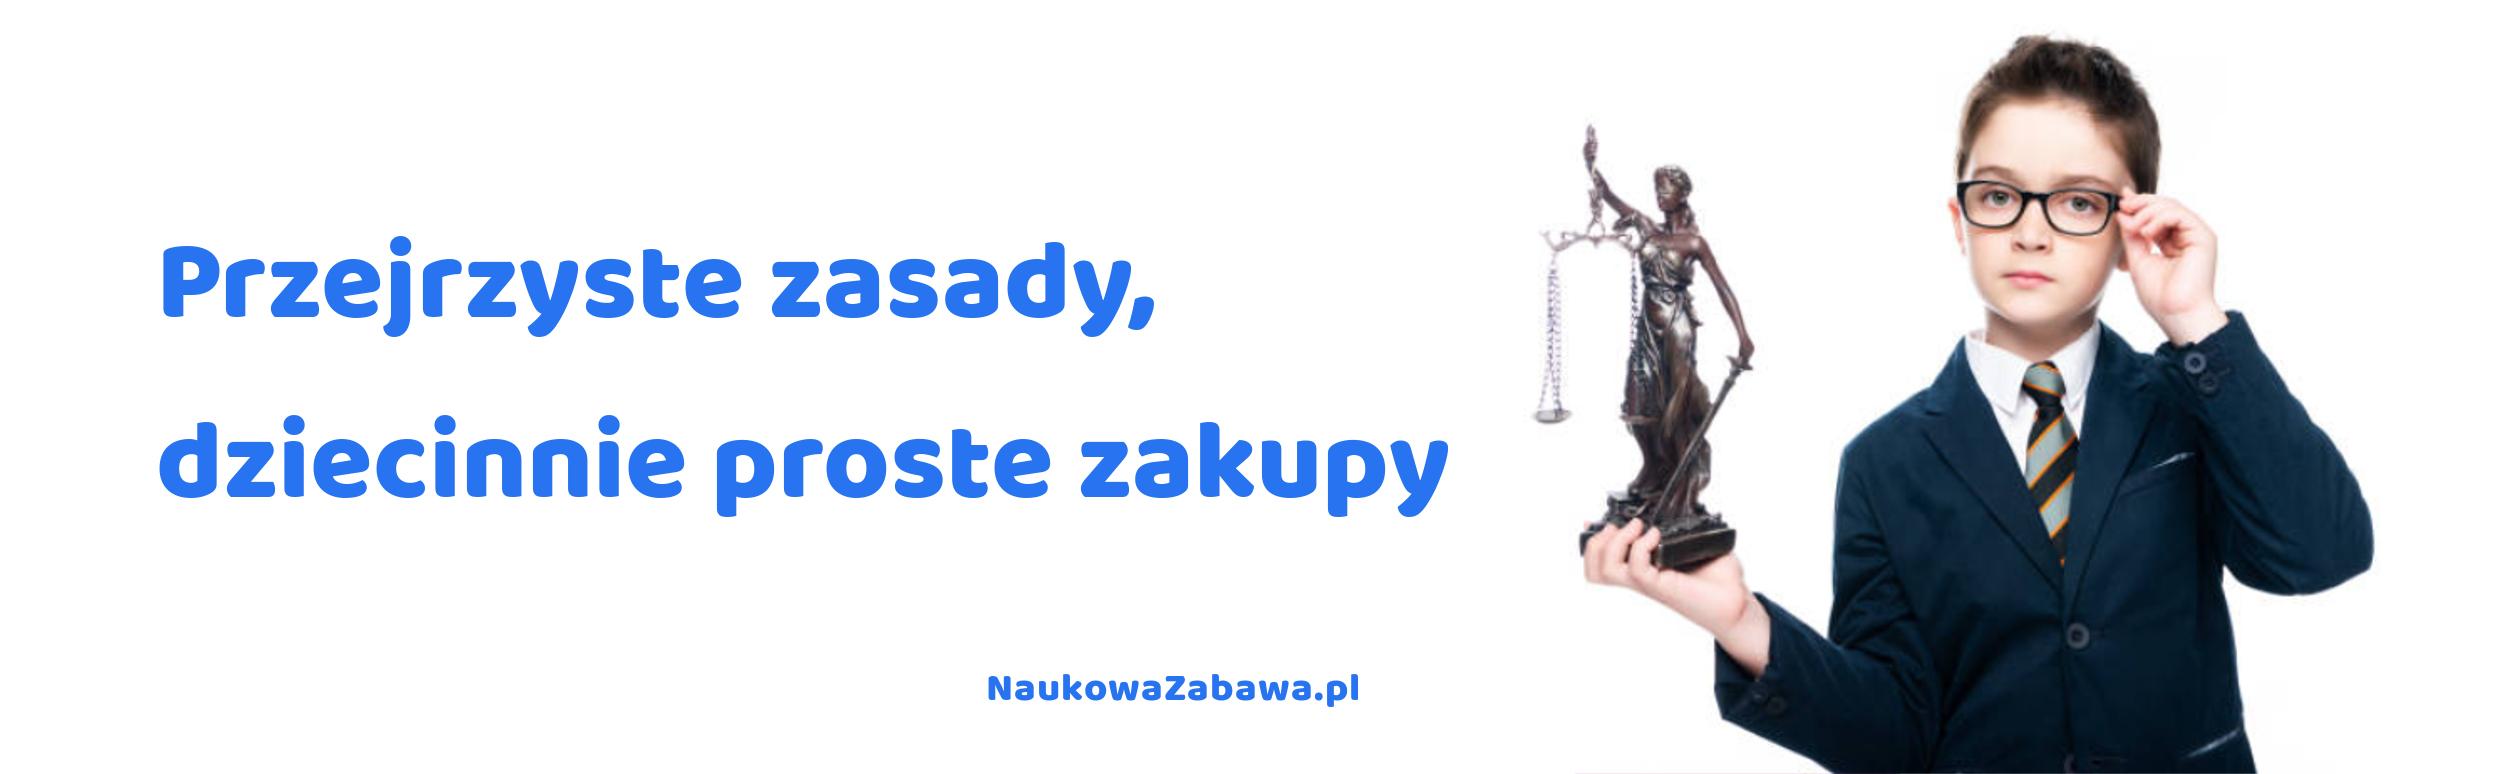 Regulamin sklepu naukowazabawa.pl